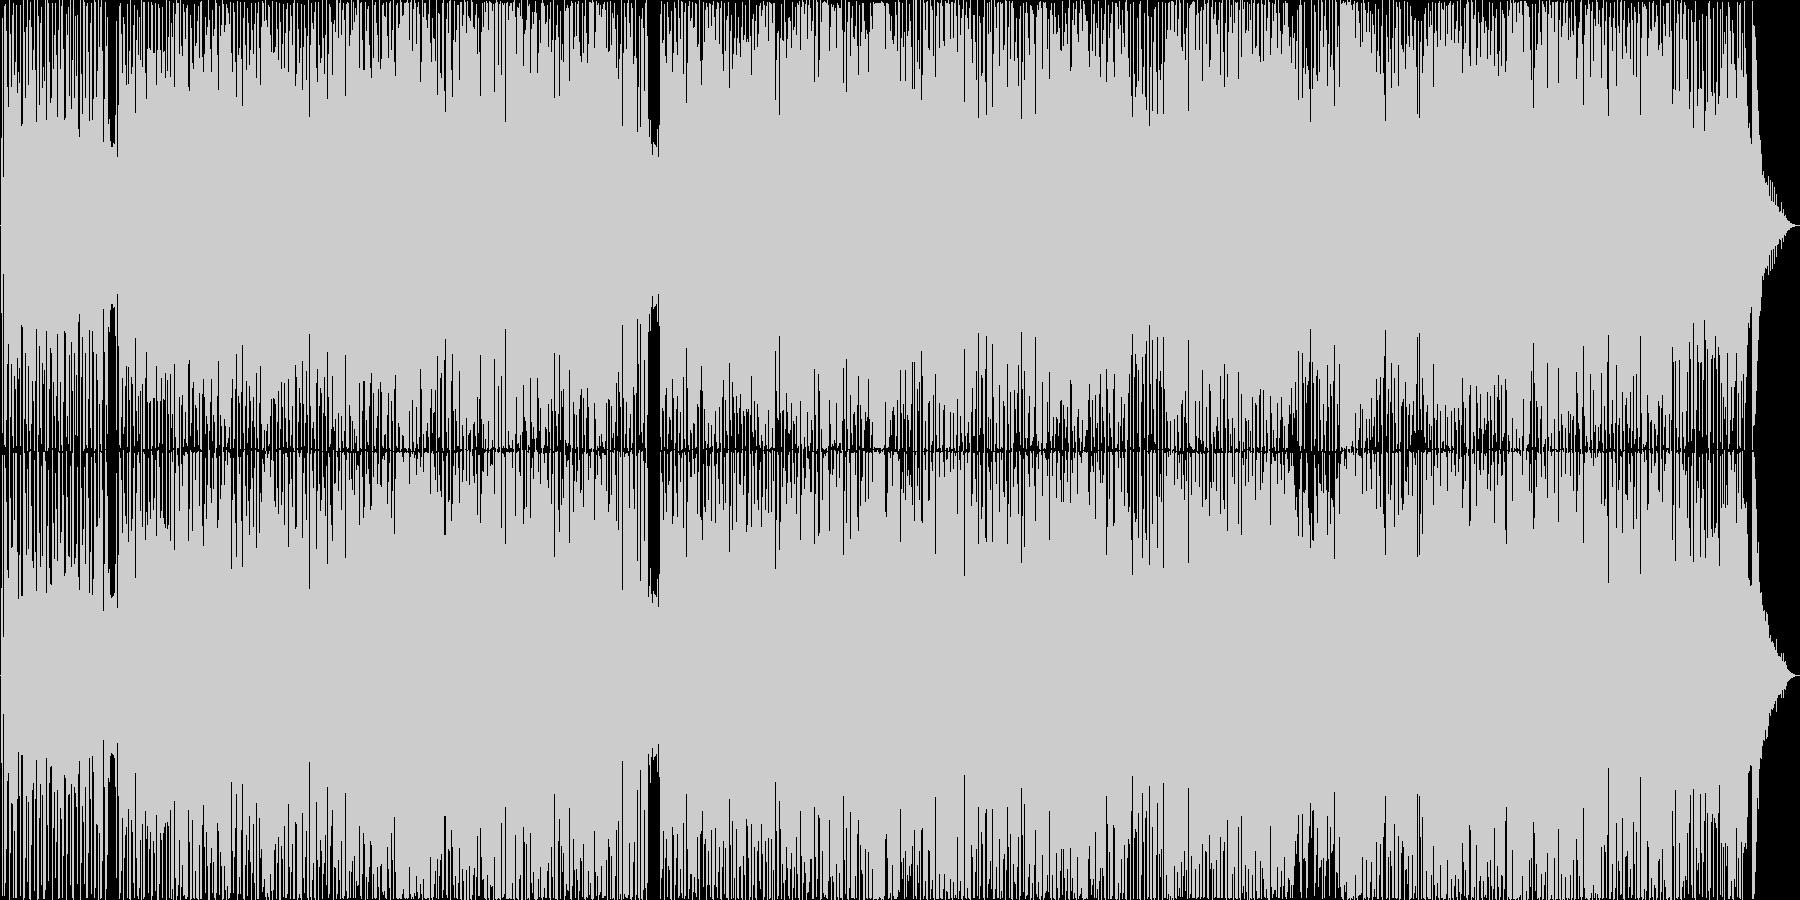 背中を優しく押す、応援ソングの未再生の波形